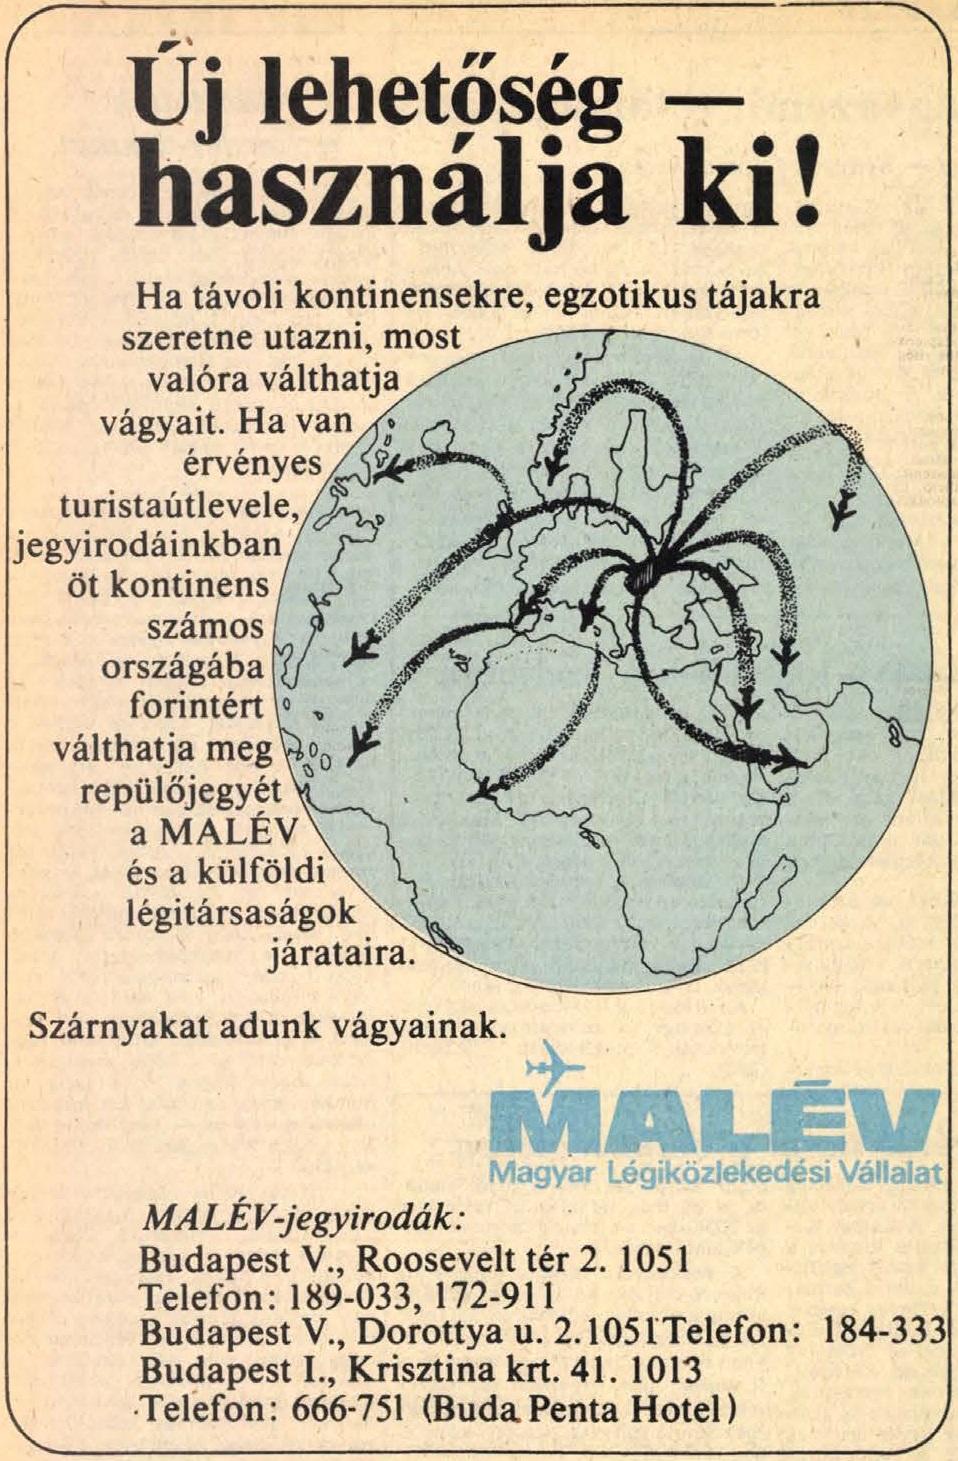 idokapszula_nb_i_1983_84_oszi_zaras_az_nb_ii_es_a_harmadik_vonal_reklam_2.jpg